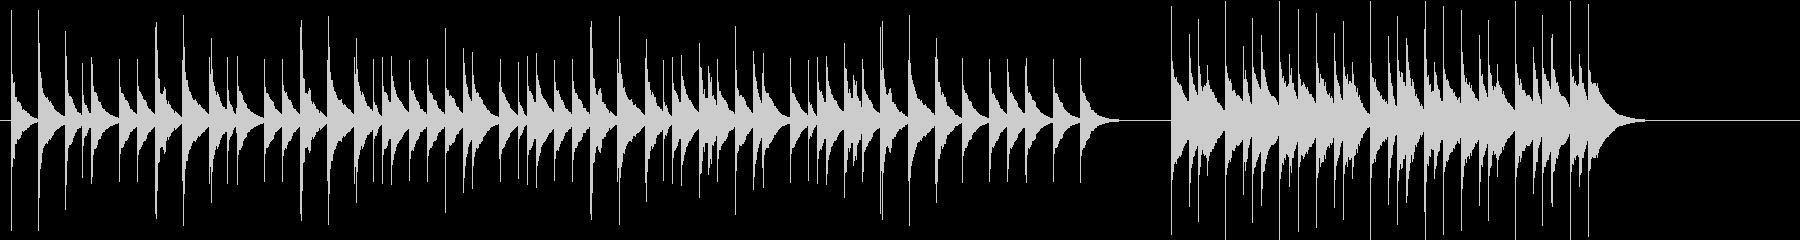 【木琴】動物やアートの短い映像向けの未再生の波形